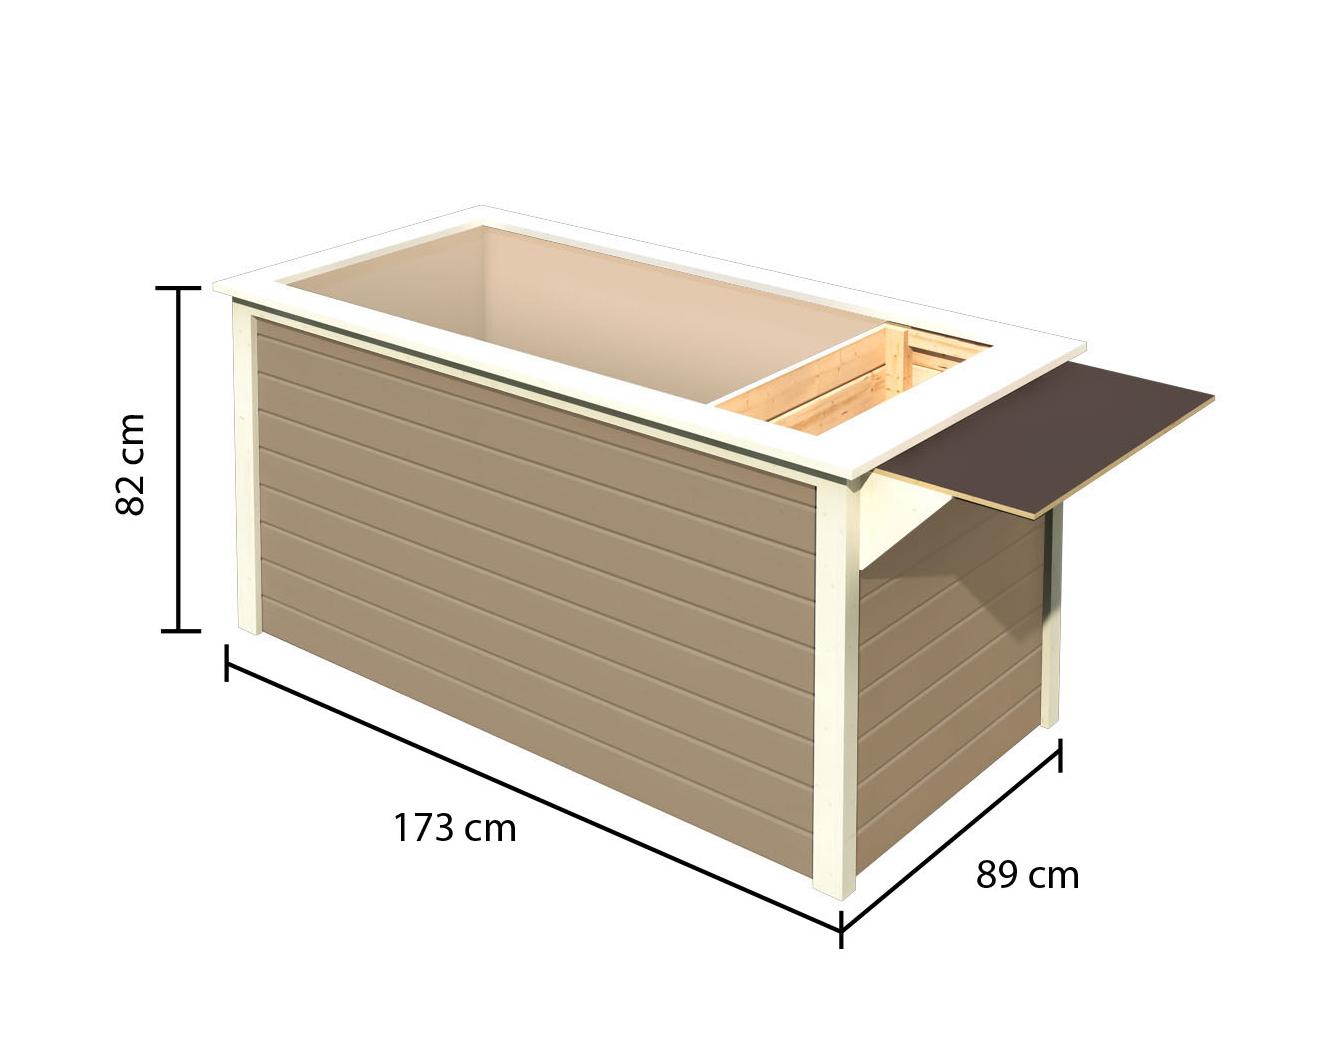 Hochbeet 19 mm Karibu 2 mit Schrankoption sandbeige 173x89x82cm Bild 3